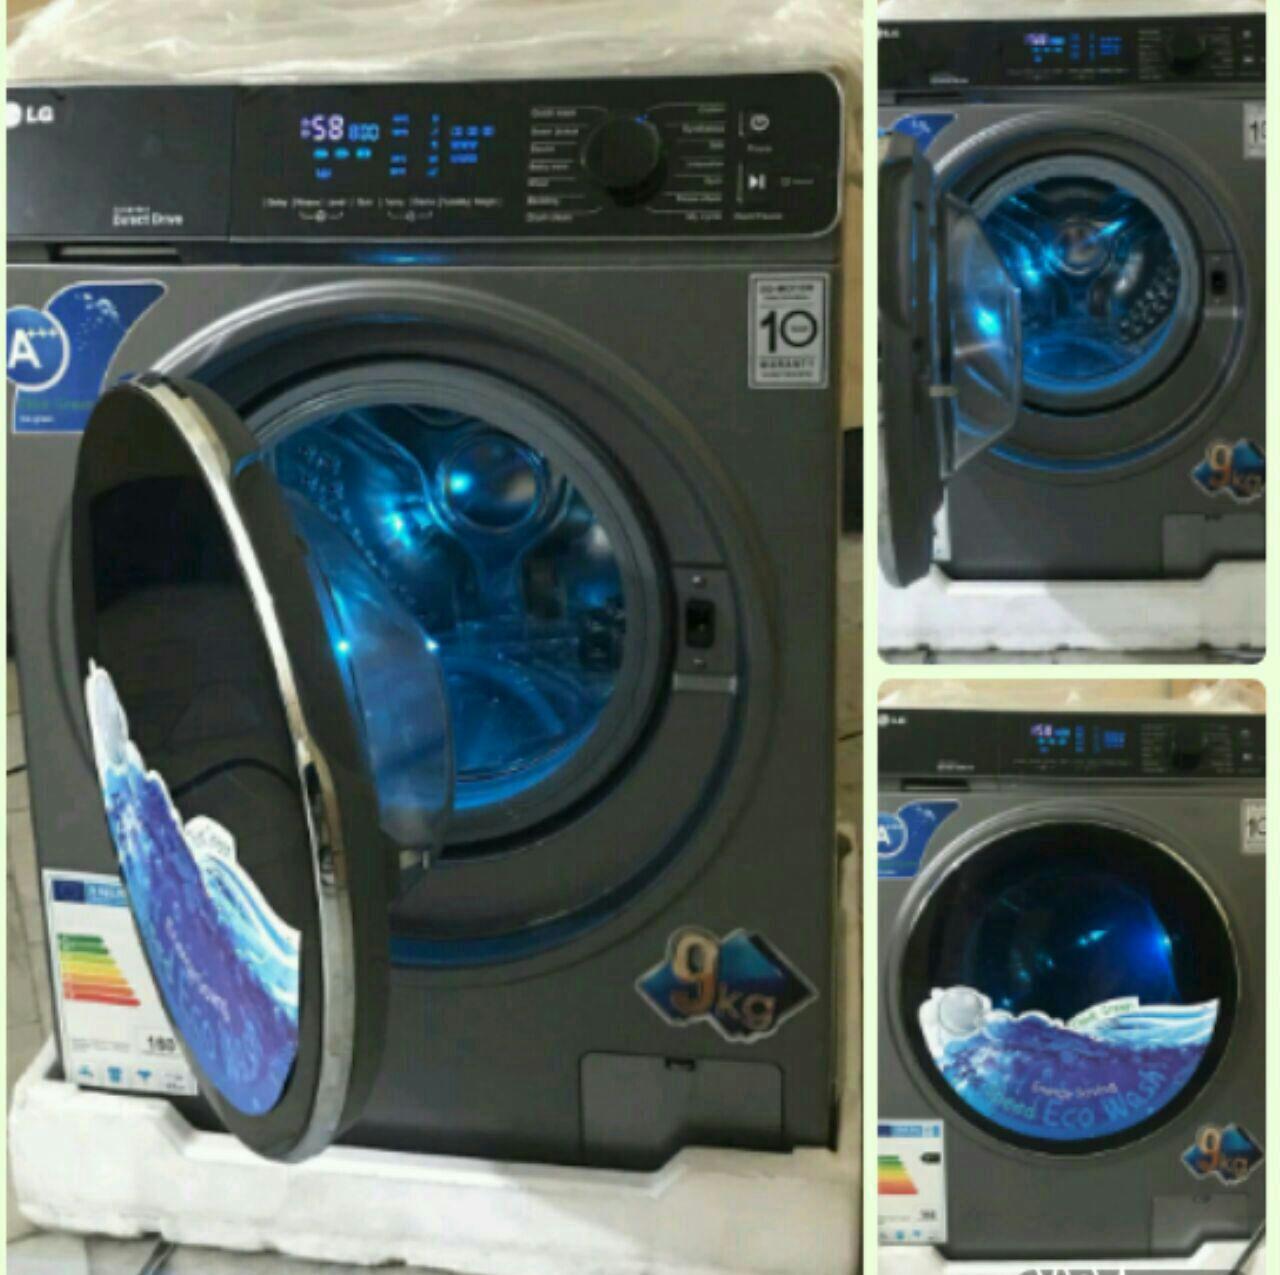 ماشین لباسشویی ال جی LG رنگ تیتانیوم 9 کیلویی درب بزرگ. روشنایی ال ای دی